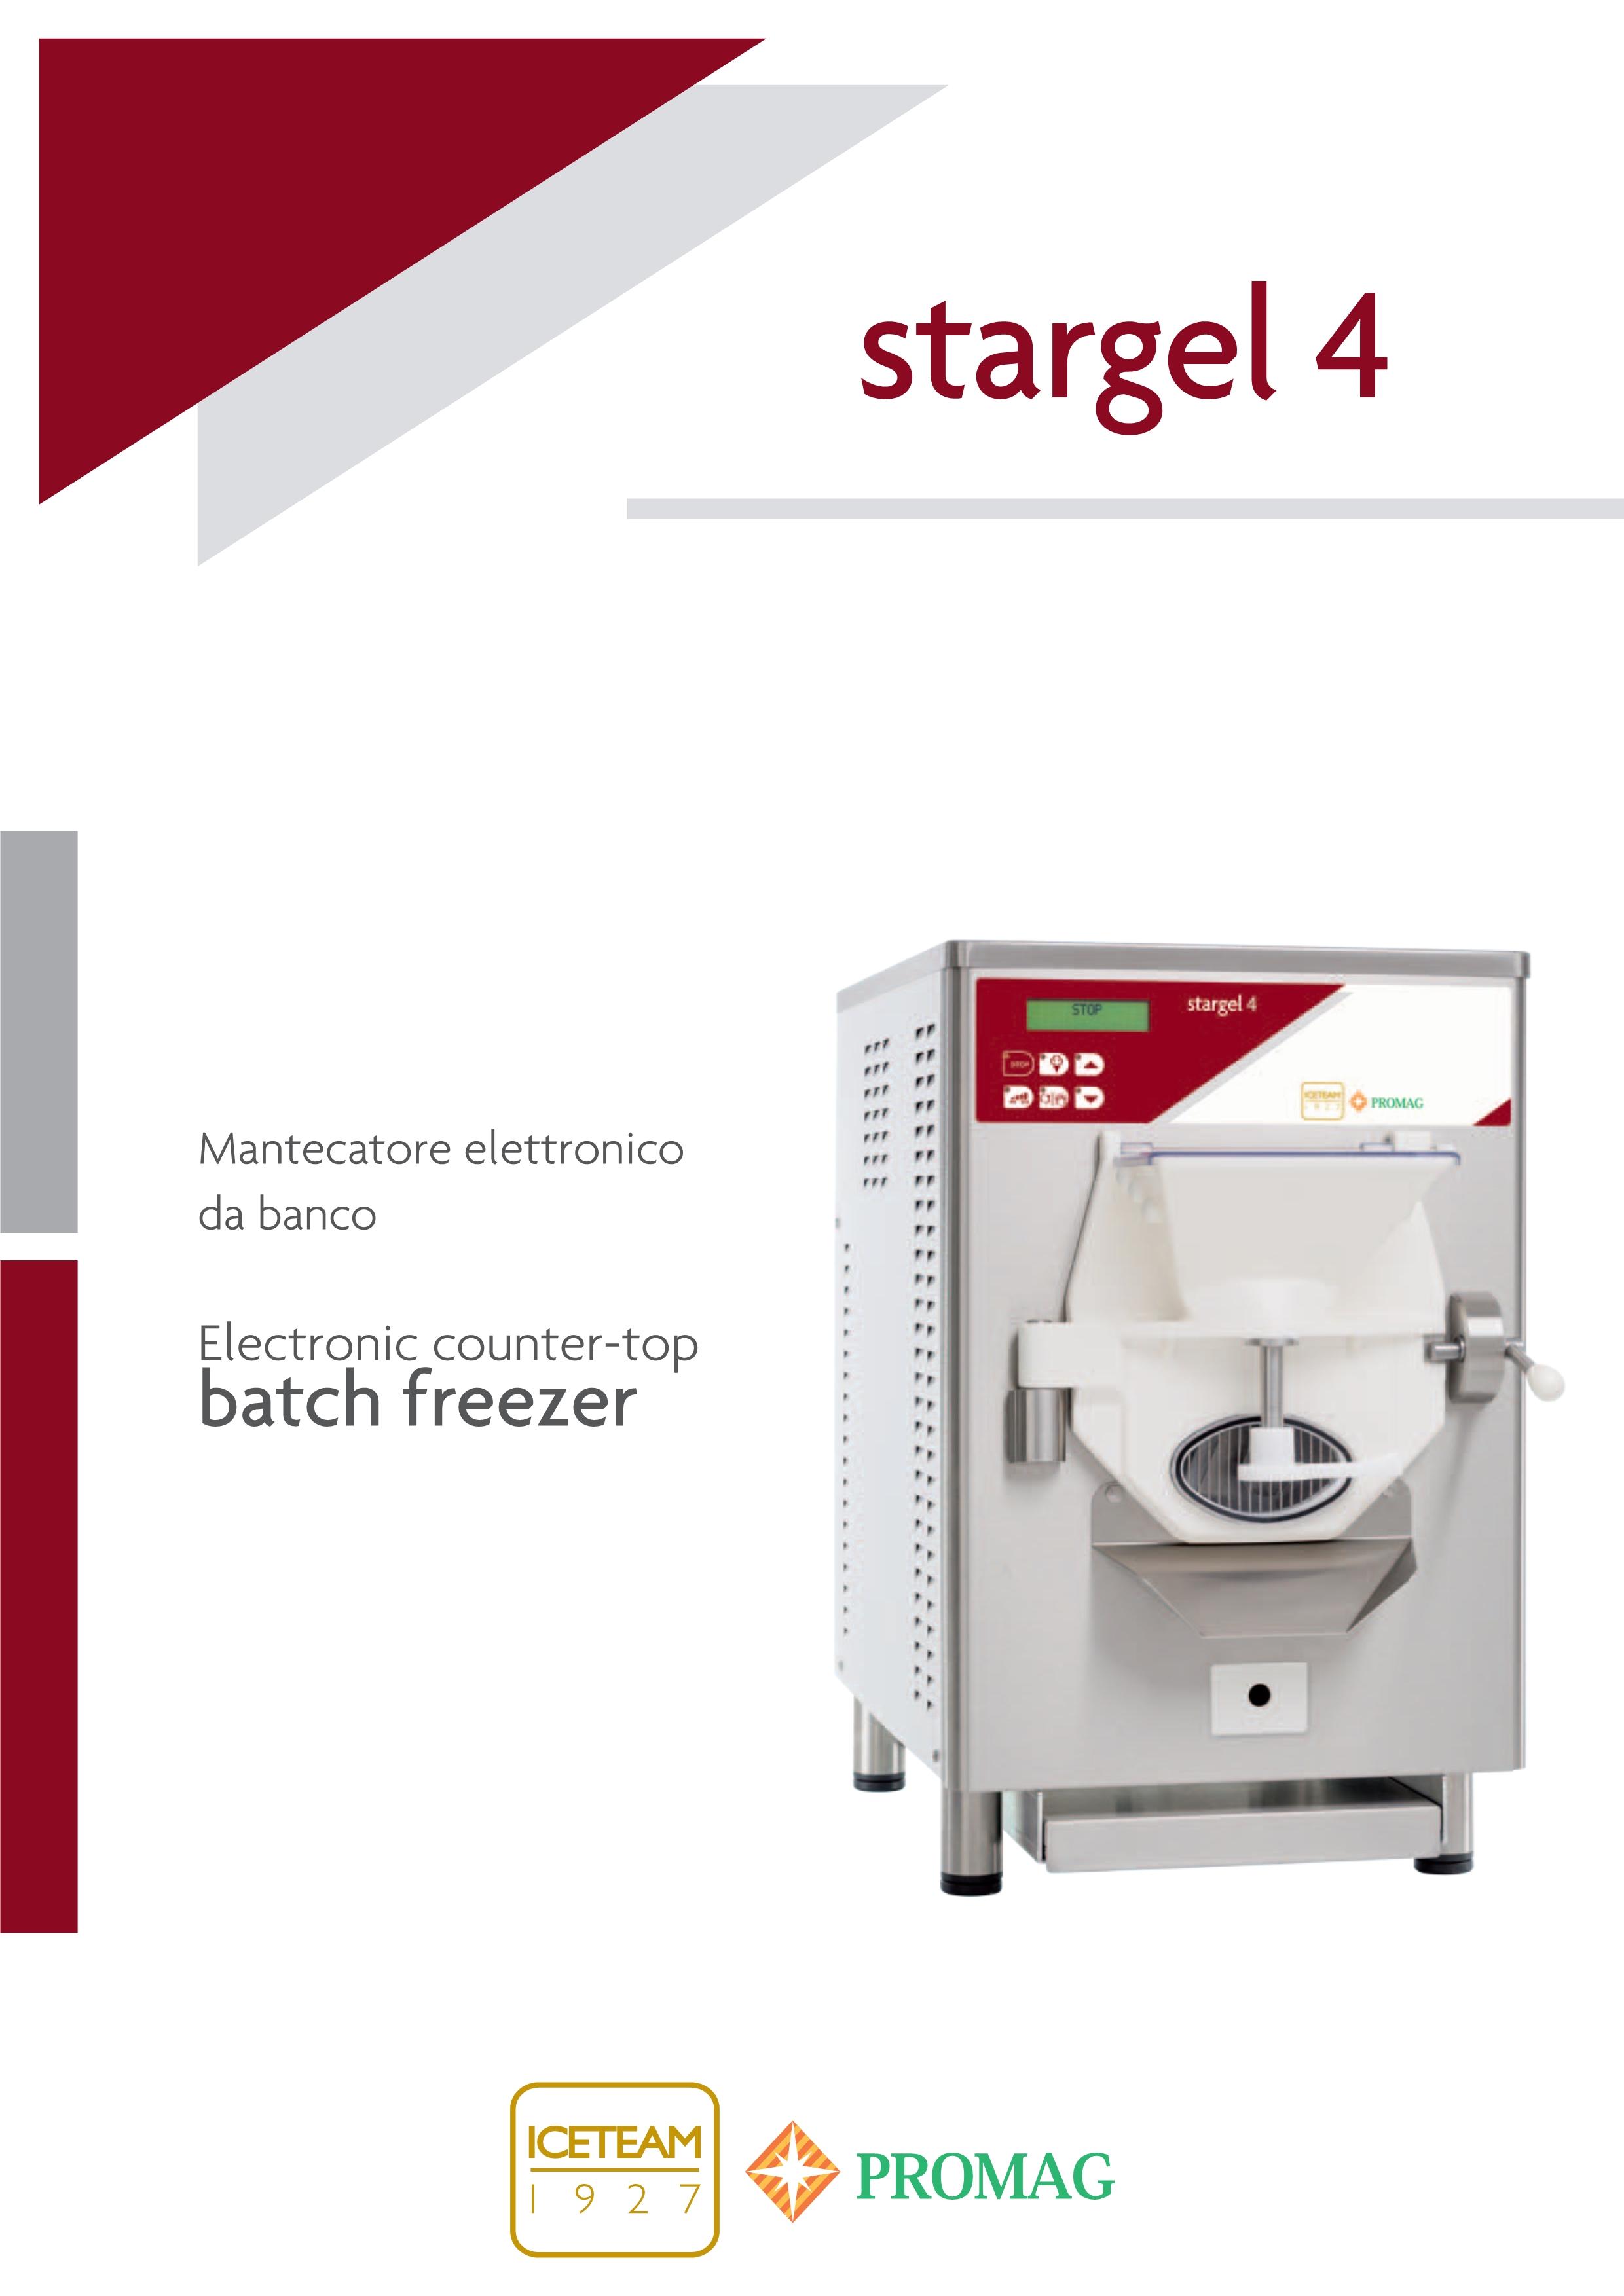 意大利冰淇淋机Stargel 4